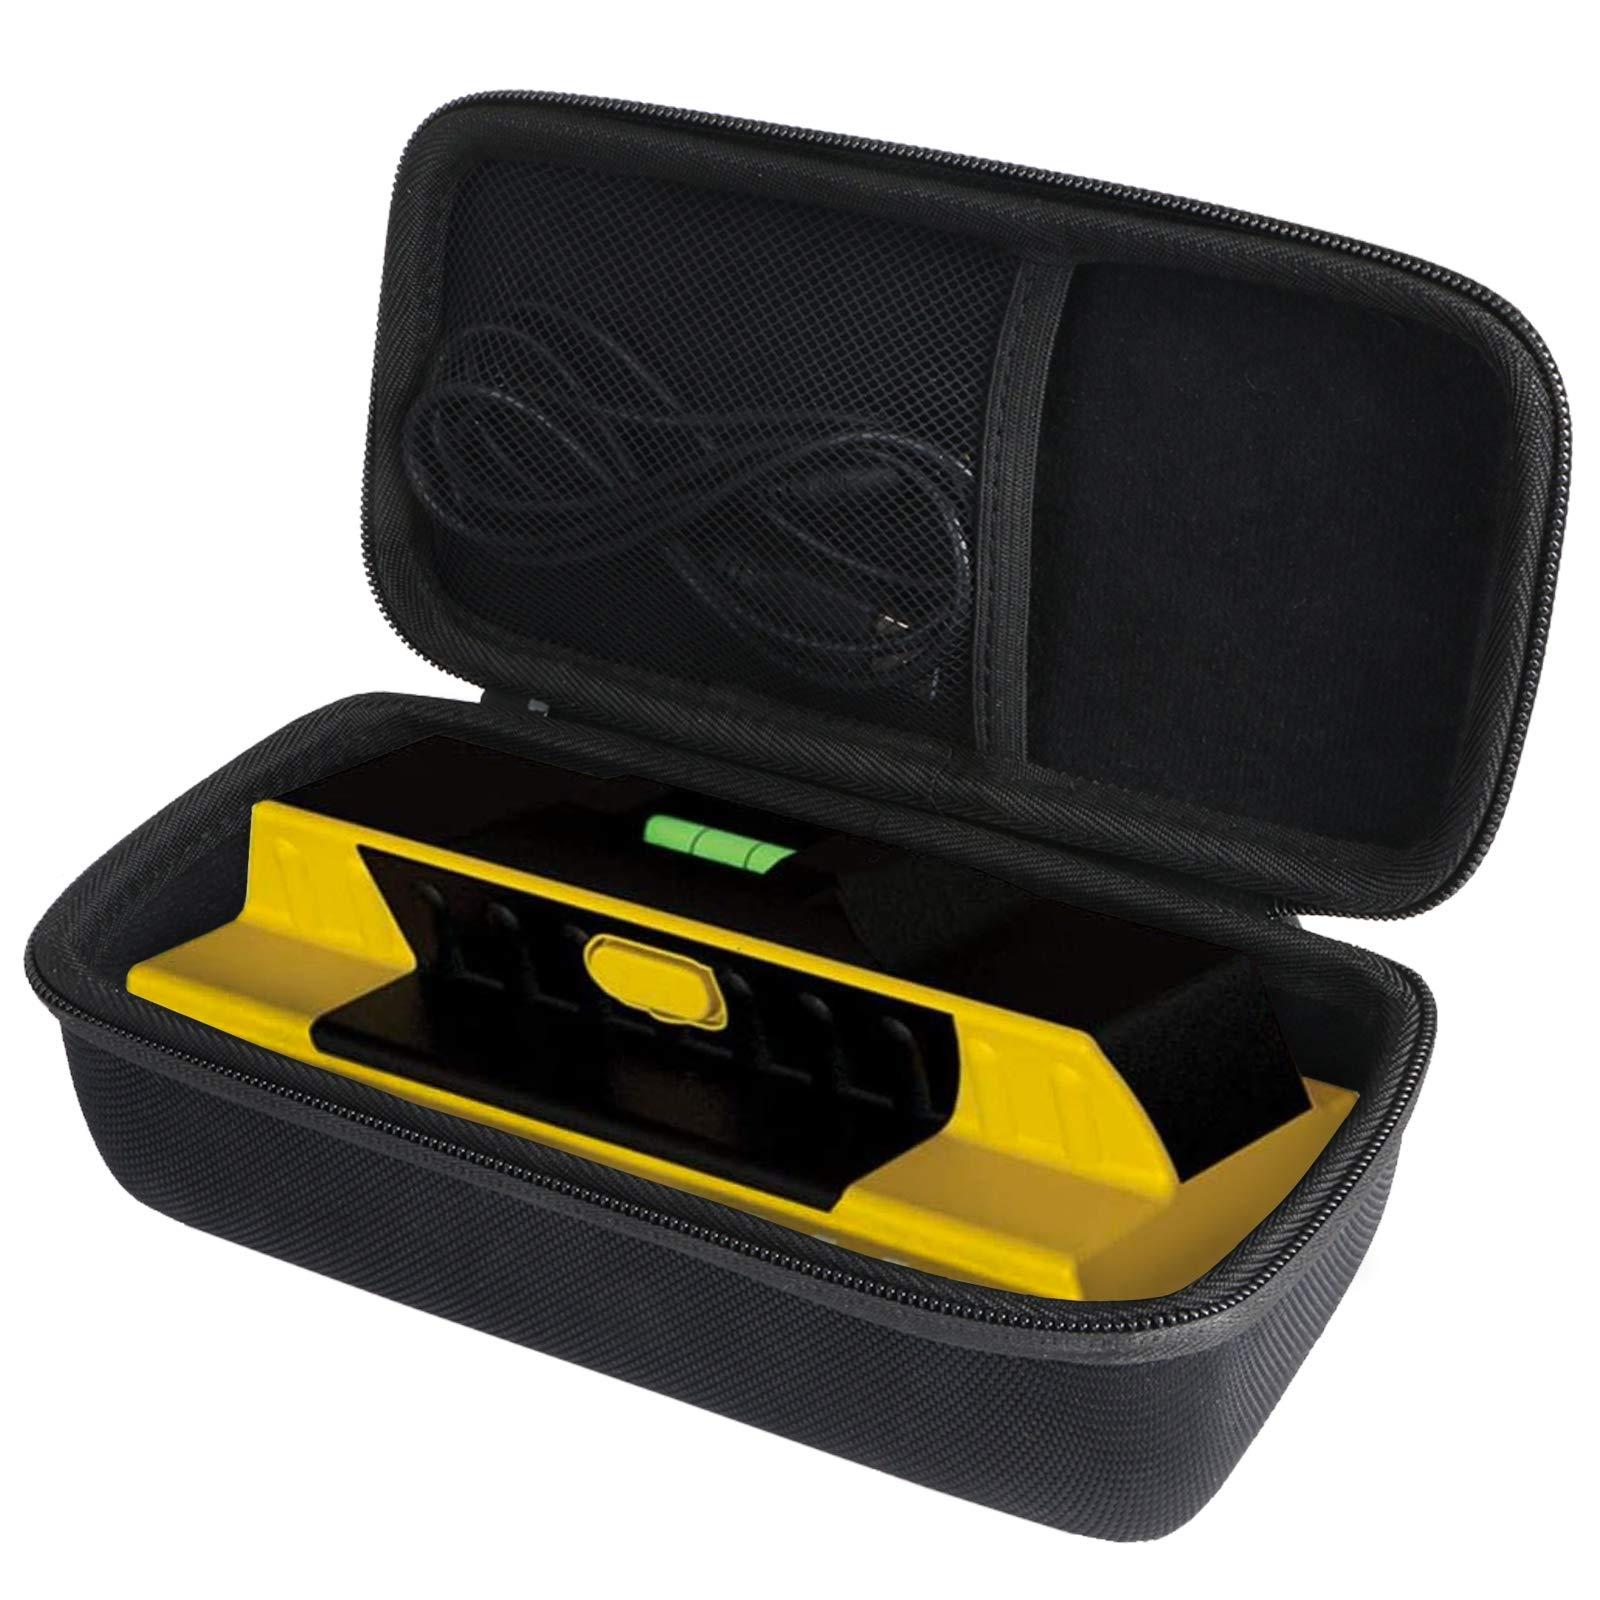 Khanka Hard Case for Franklin Sensors ProSensor 710 710+ T13 T11 Professional Stud Finder (black)